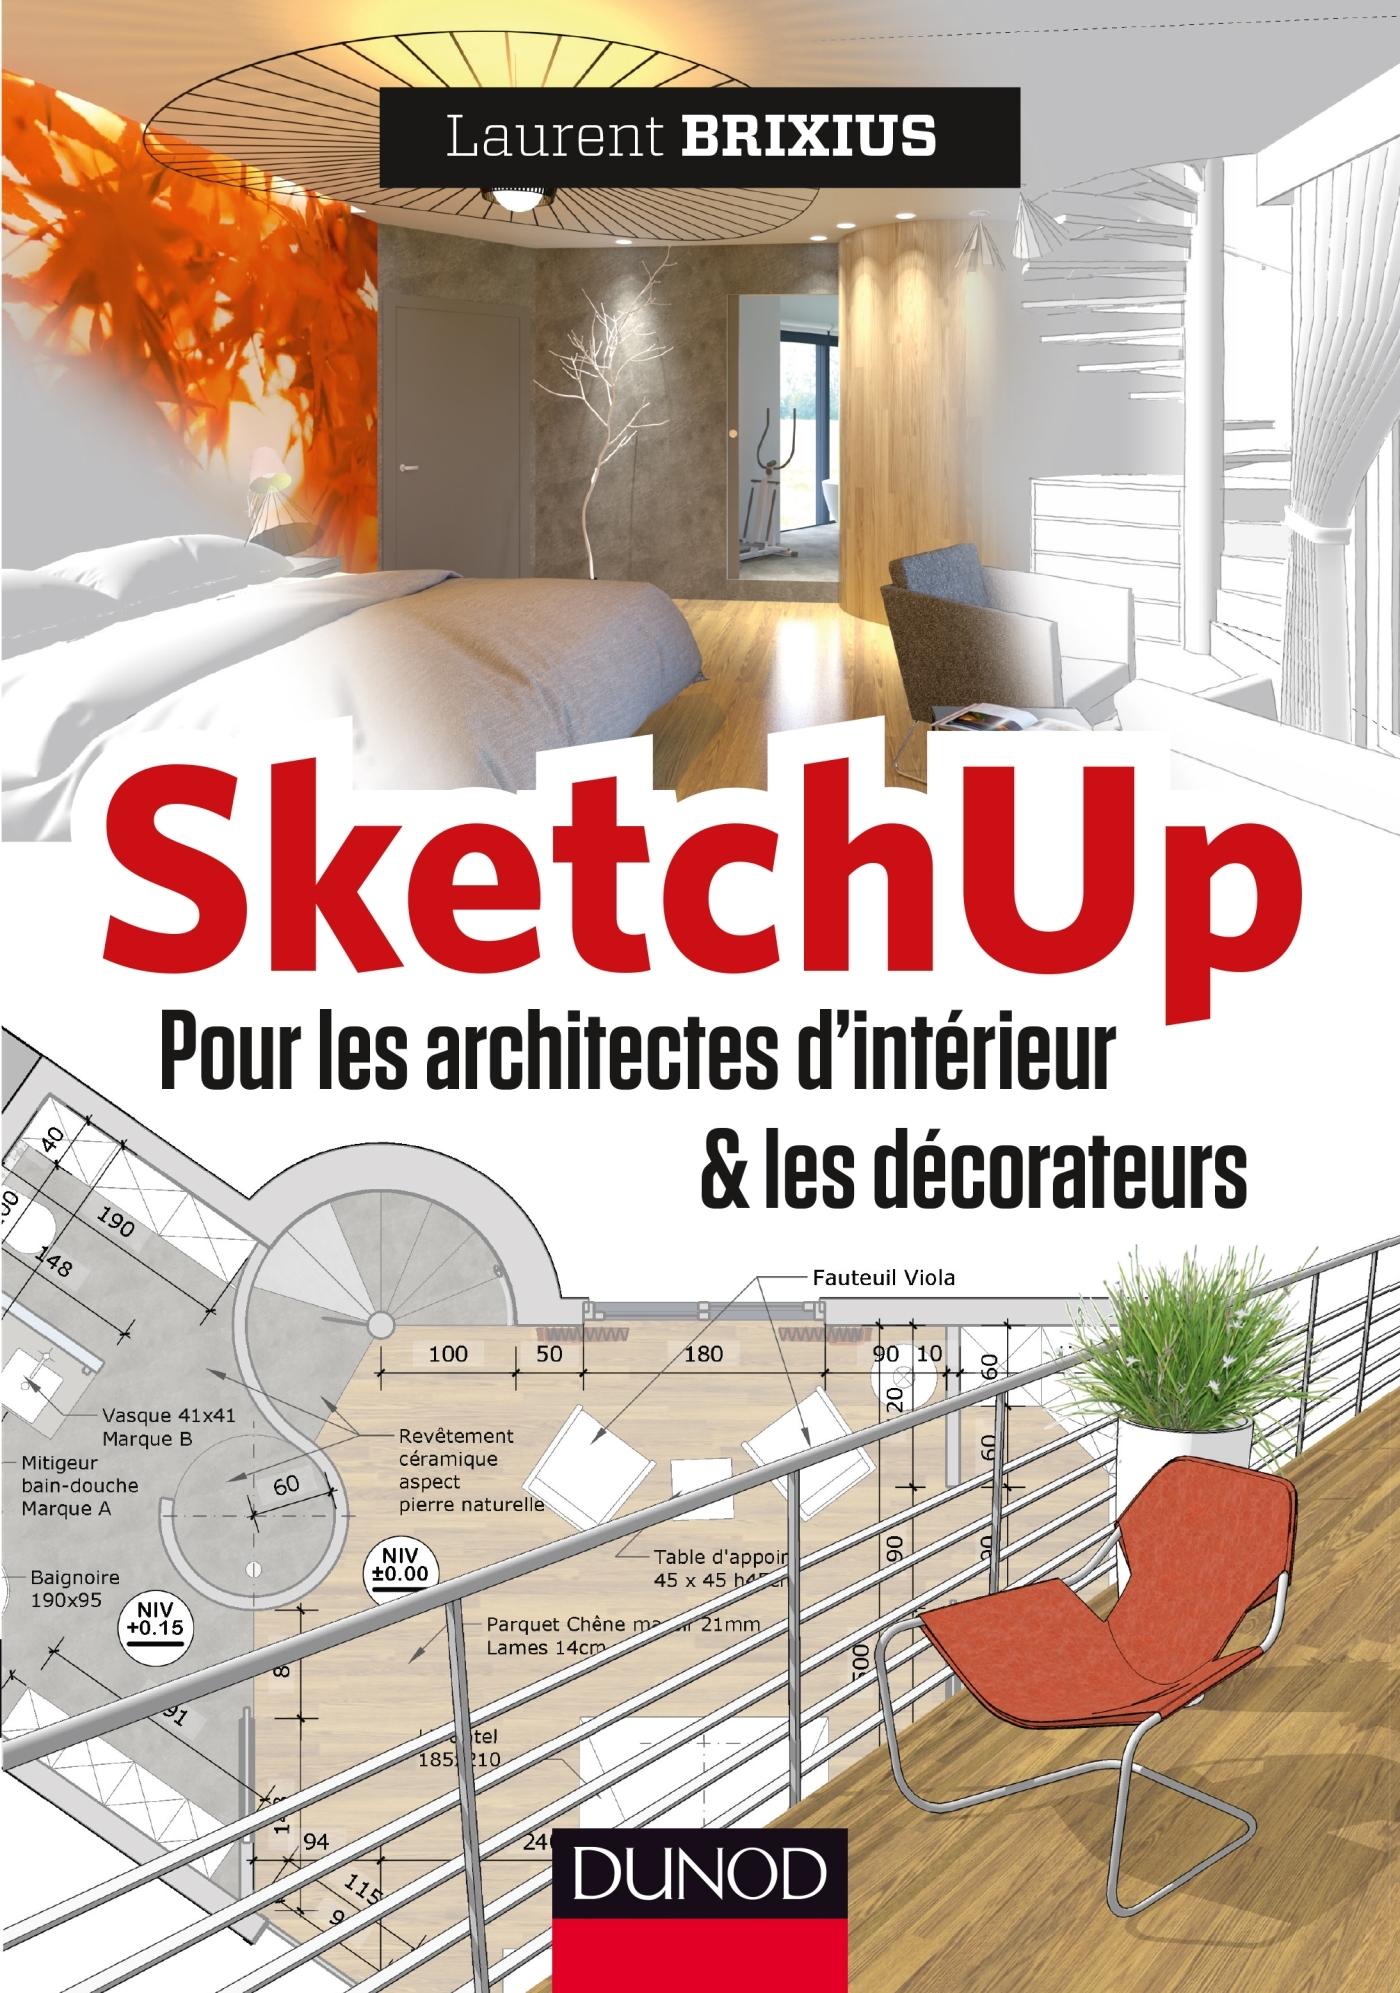 SKETCHUP - POUR LES ARCHITECTES D'INTERIEUR ET LES DECORATEURS